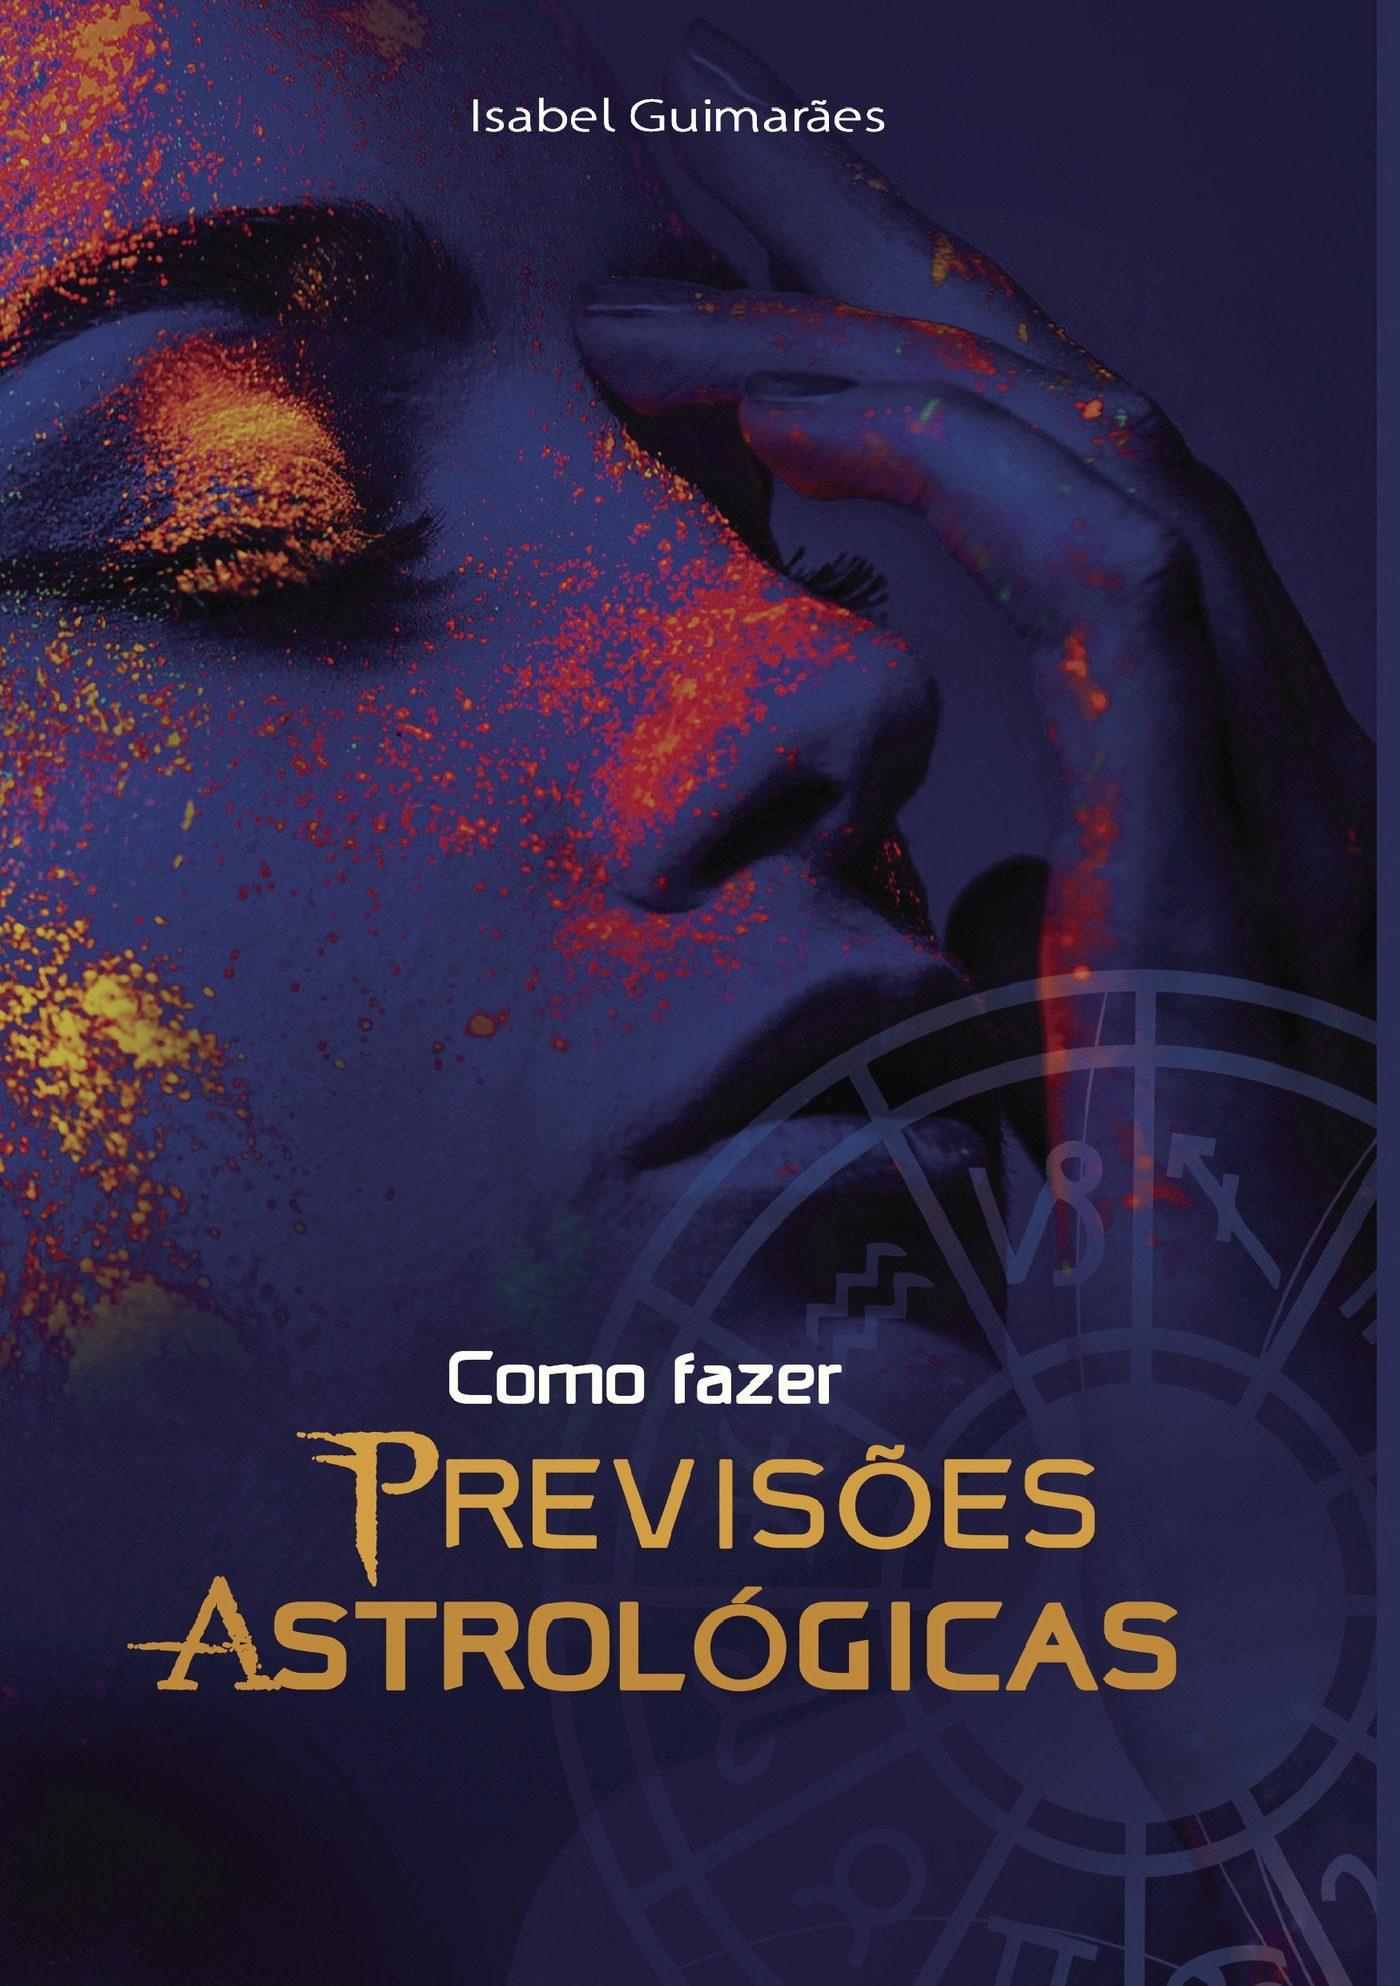 Como Fazer Previsµes Astrológicas - Guimares Isabel